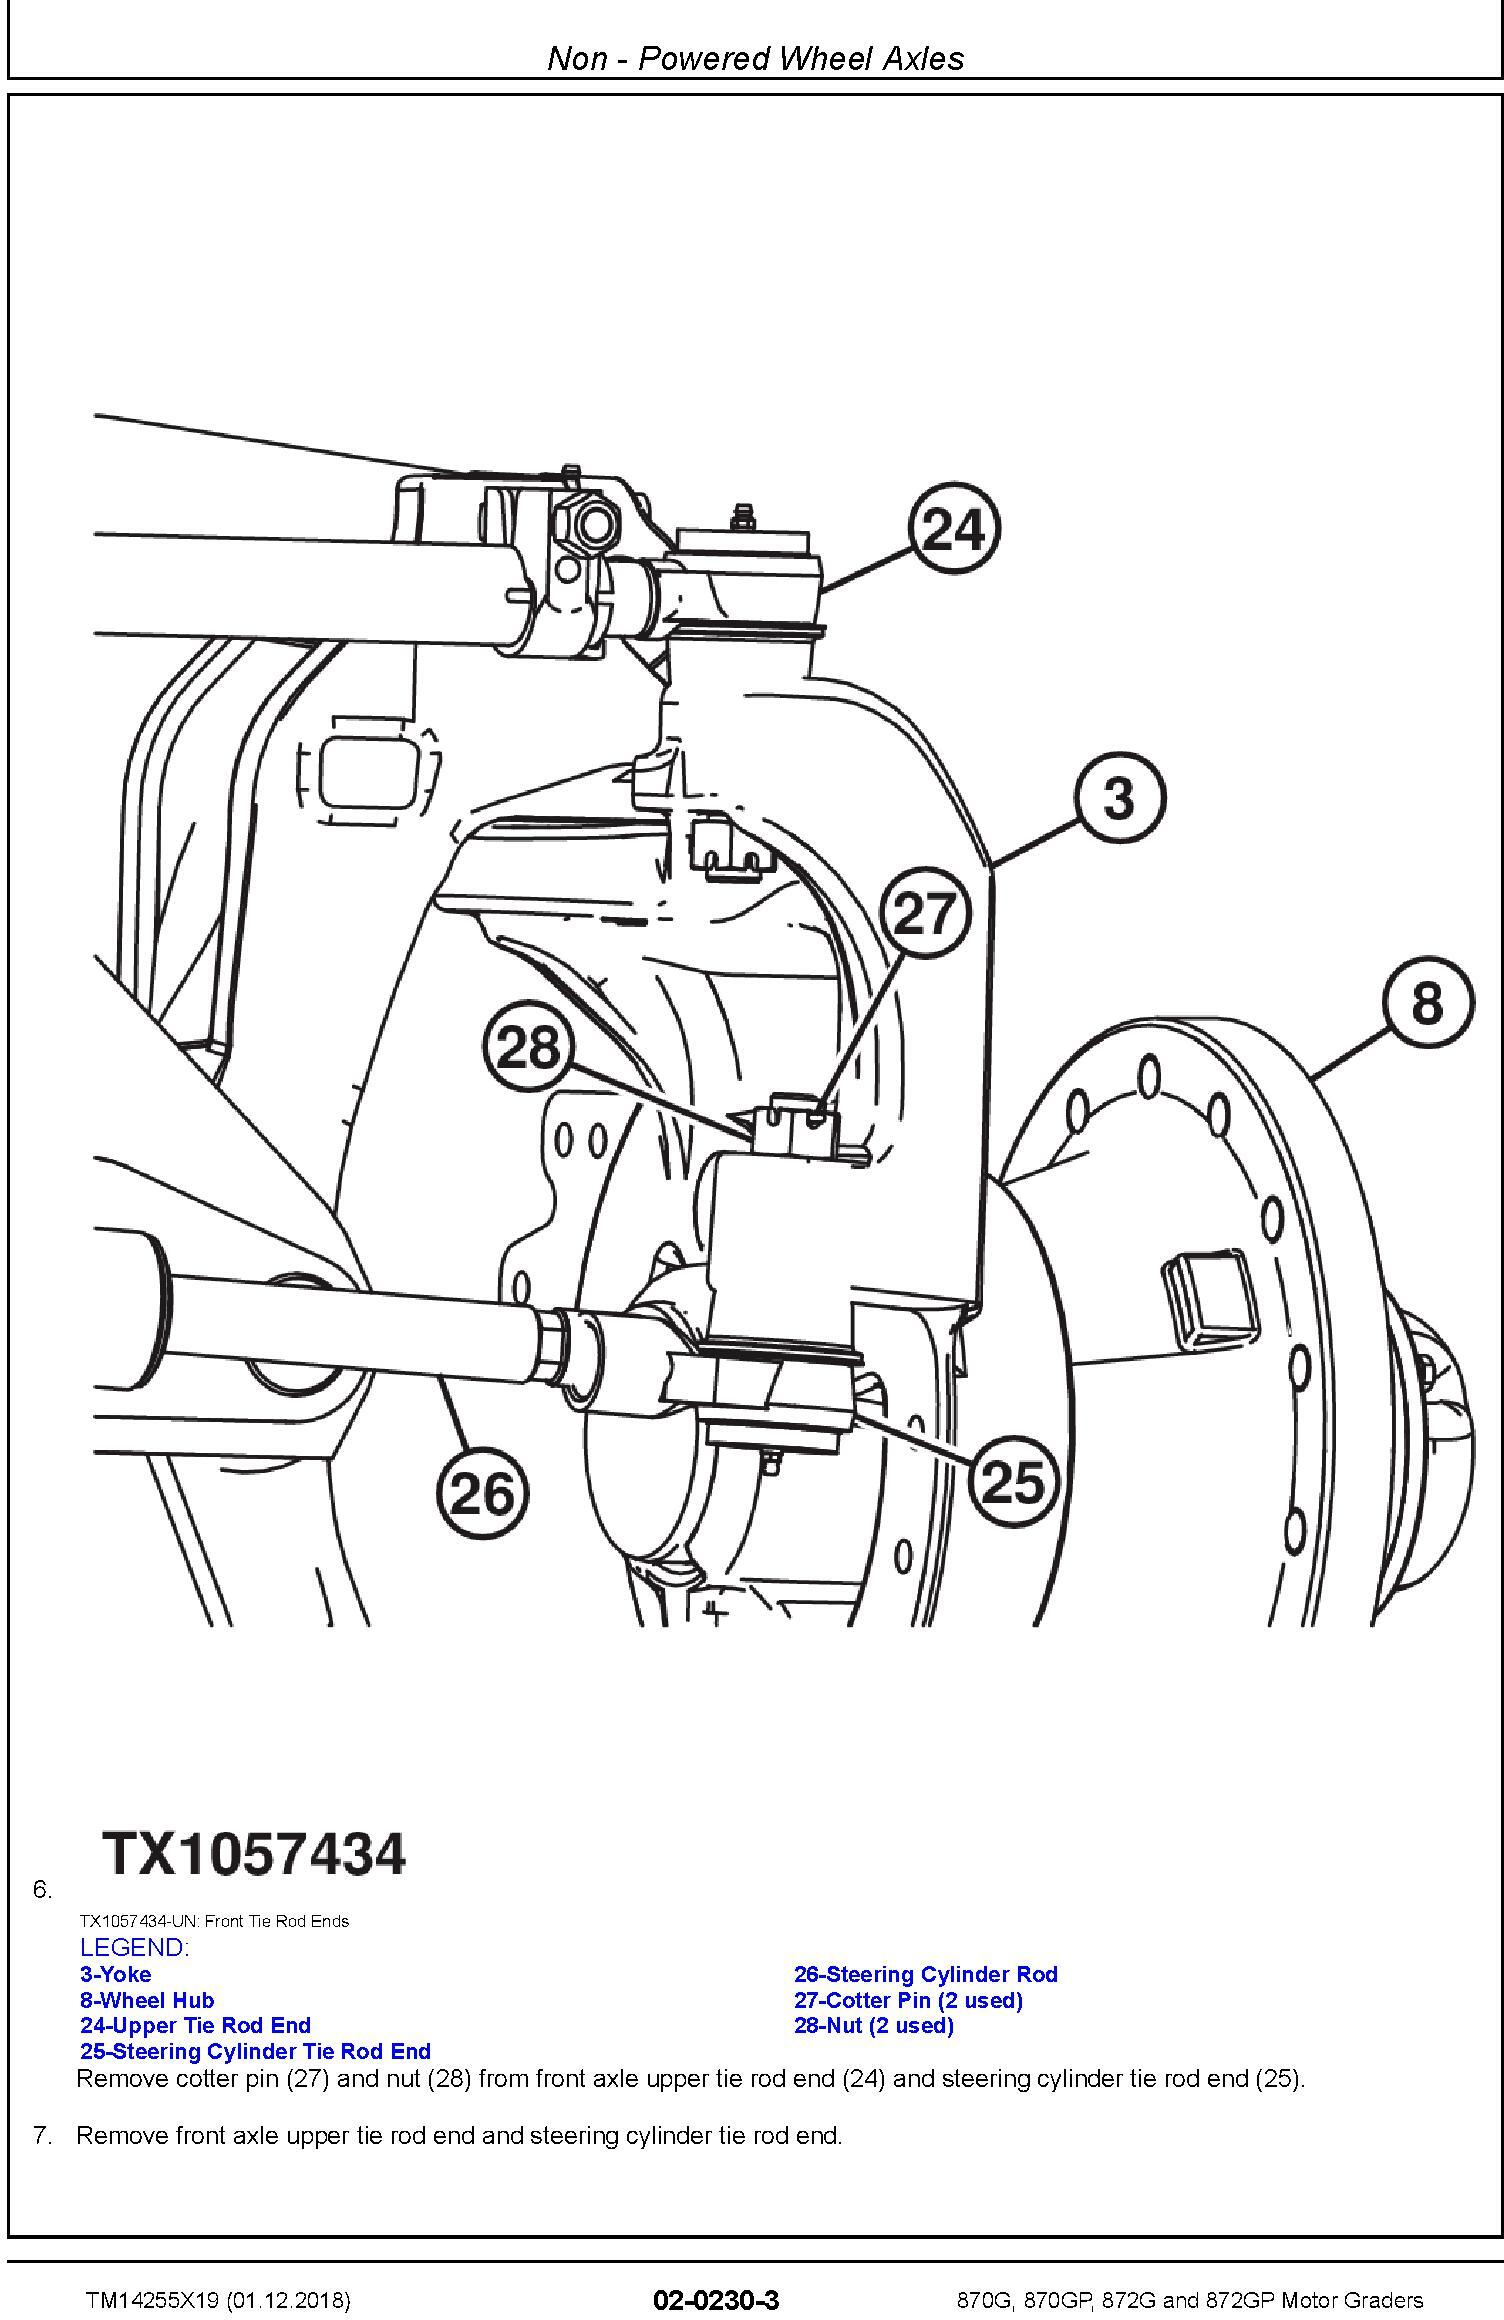 John Deere 870G, 870GP, 872G, 872GP (SN. C680878-,D680878-) Motor Graders Repair Manual (TM14255X19) - 1